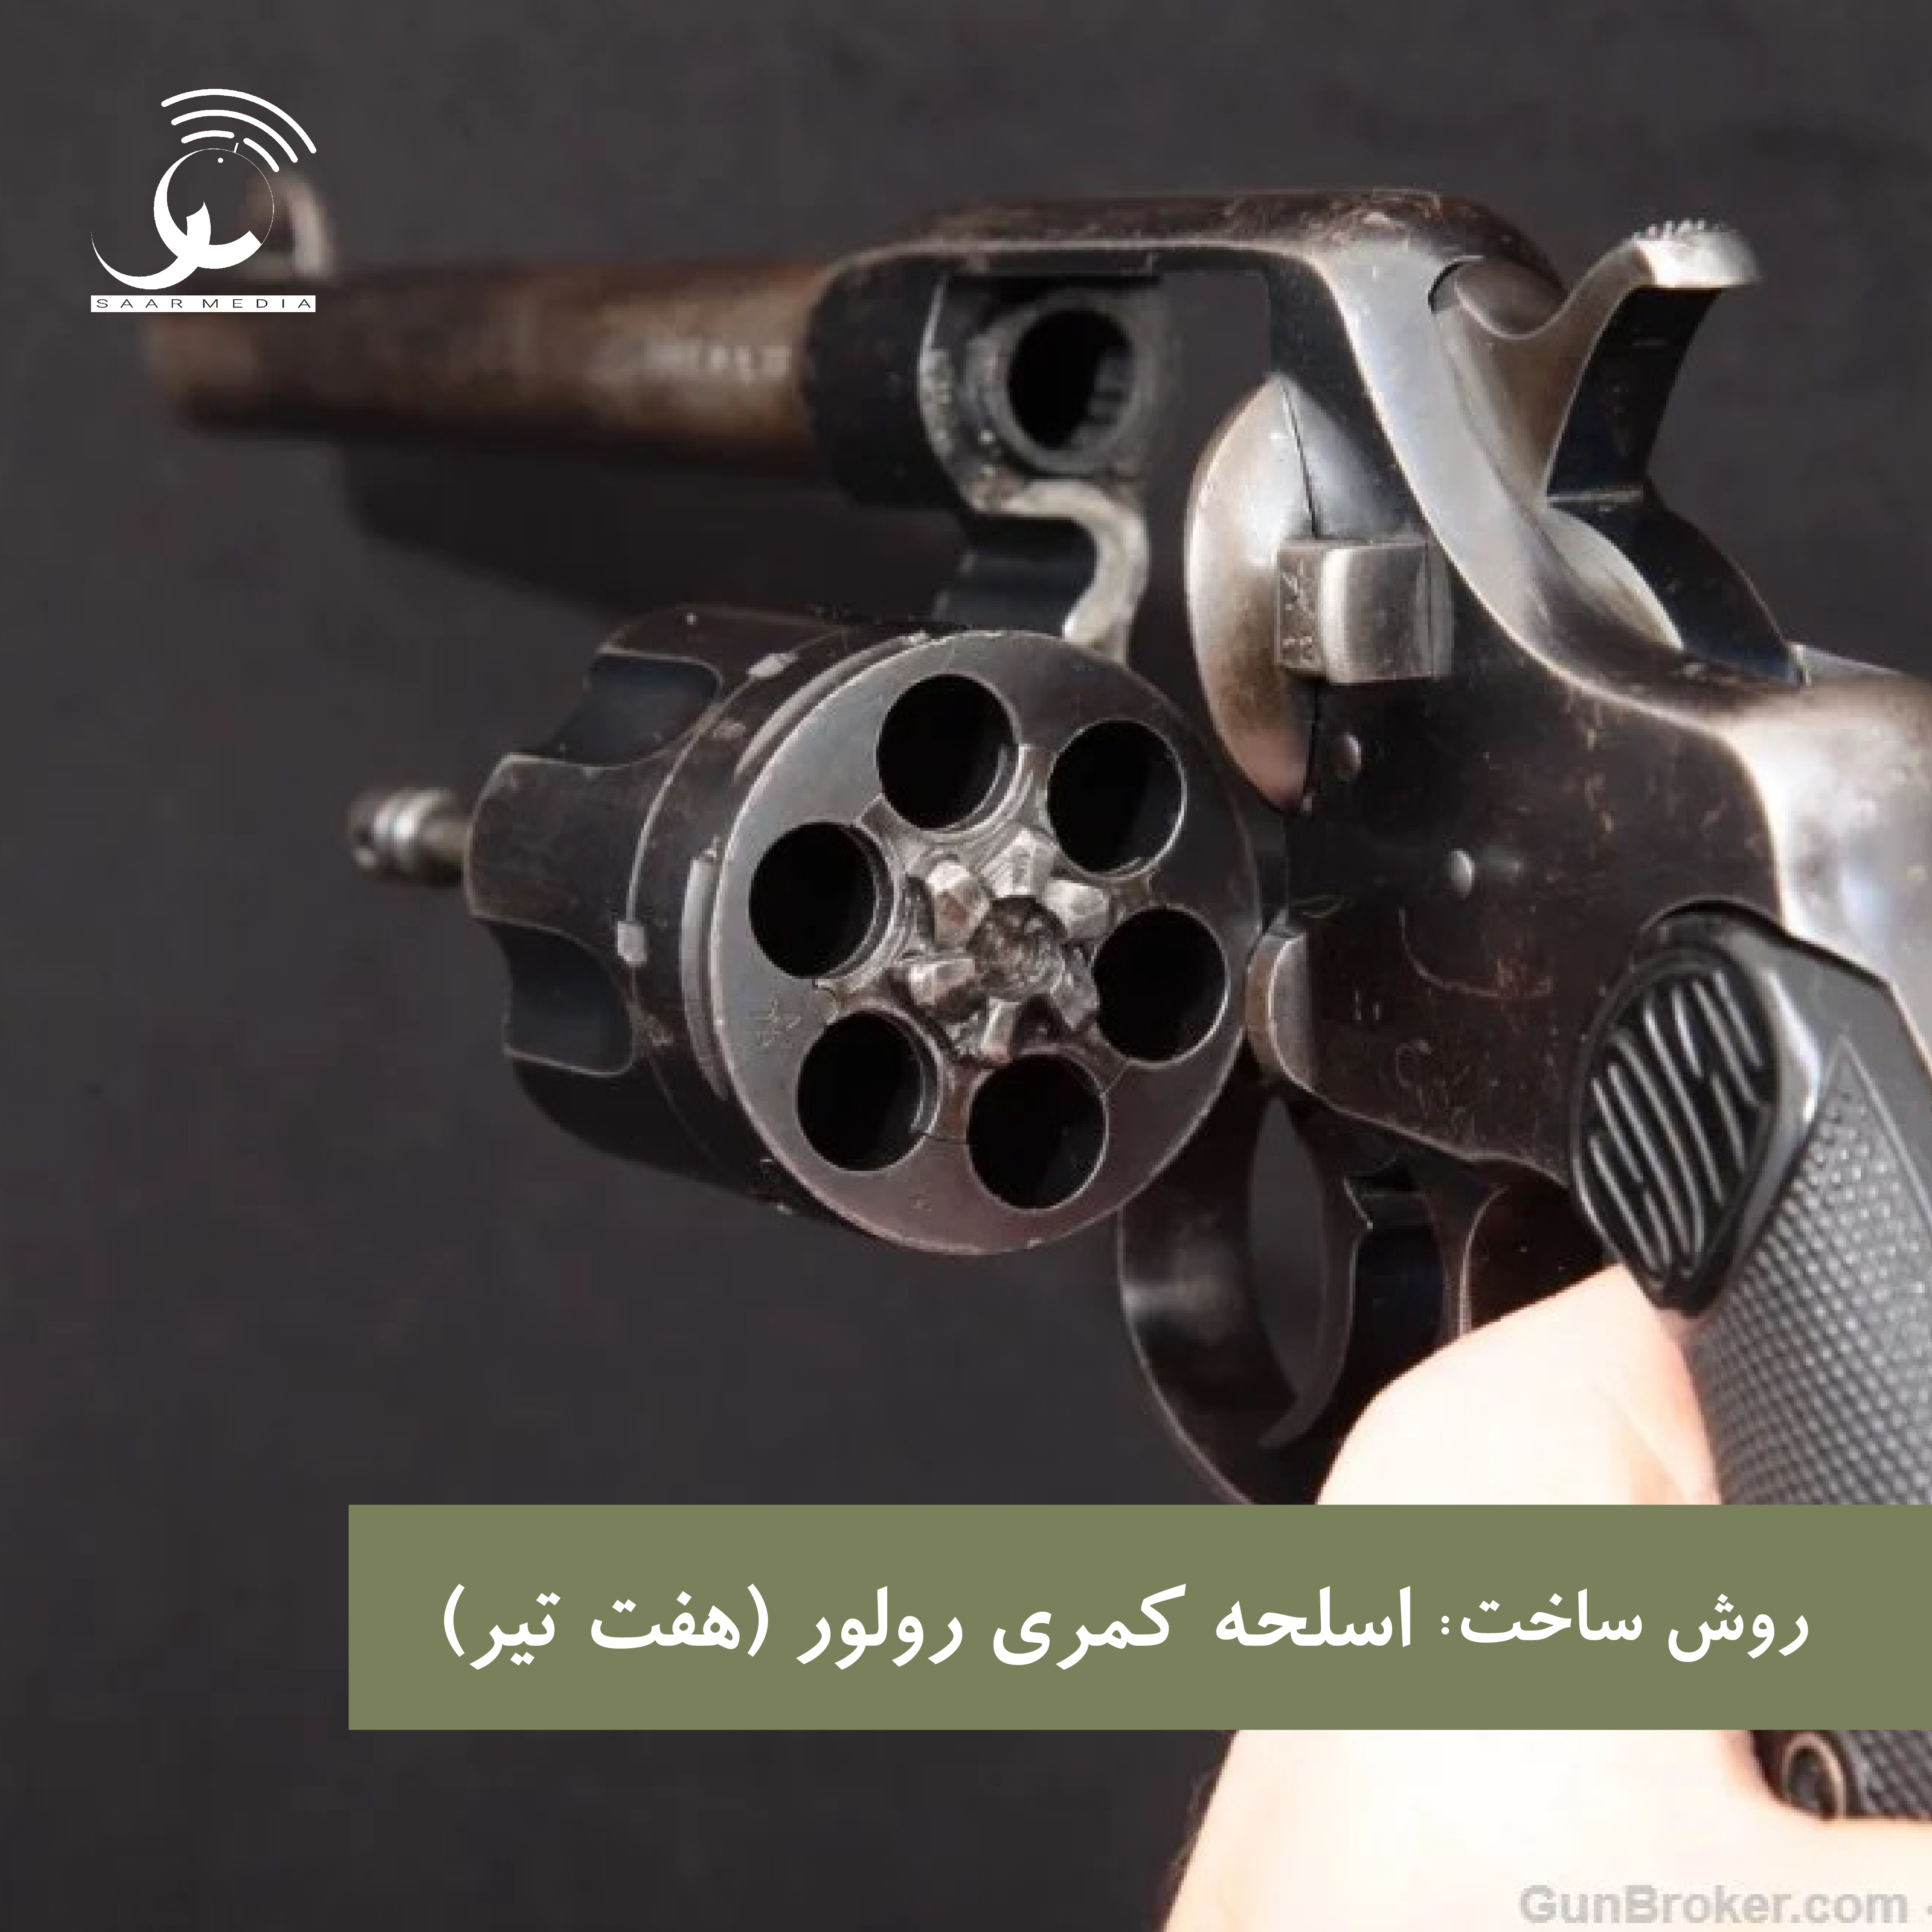 روش ساخت اسلحه کمری رولور (هفت تیر)